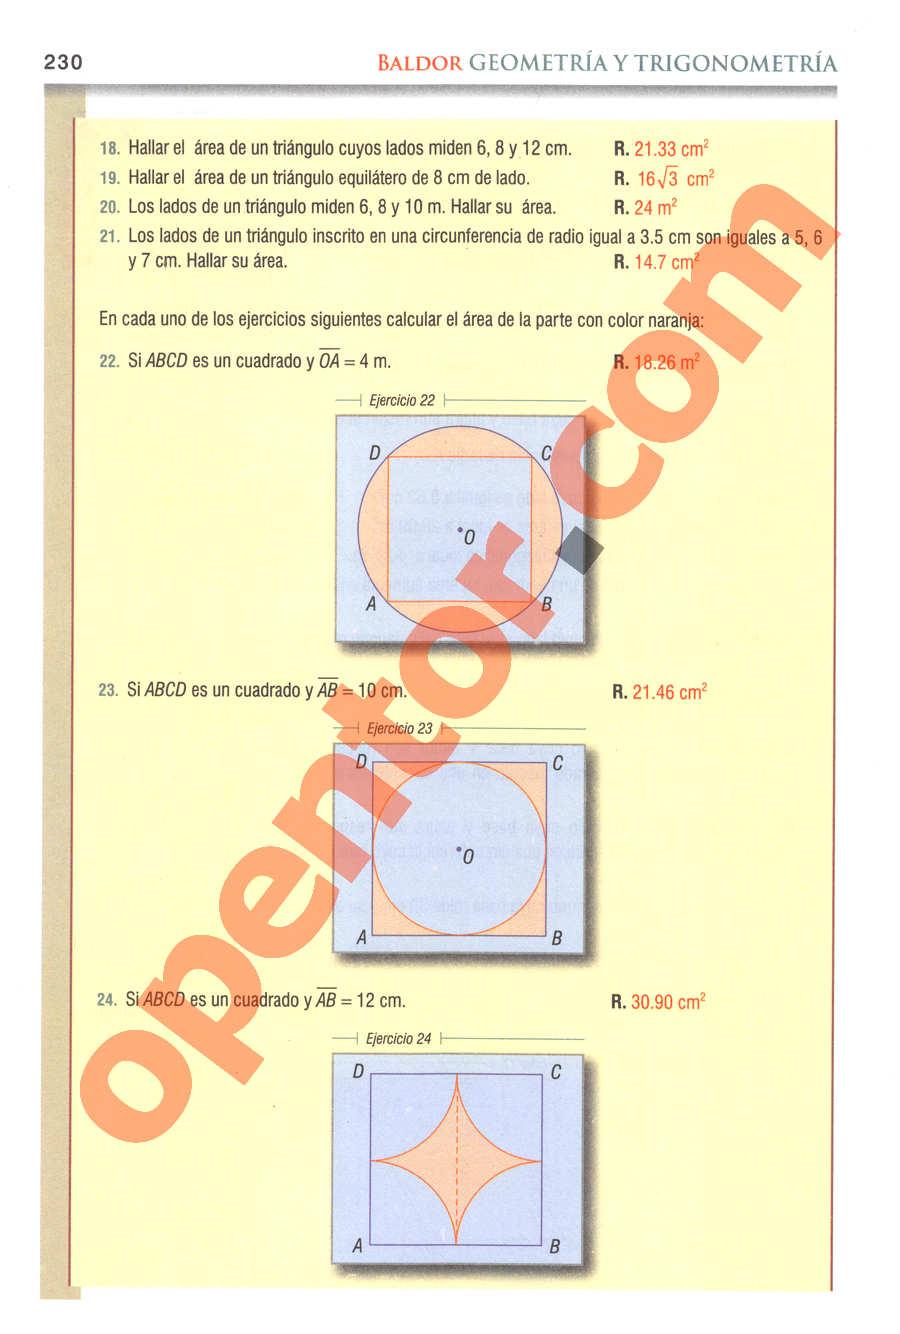 Geometría y Trigonometría de Baldor - Página 230